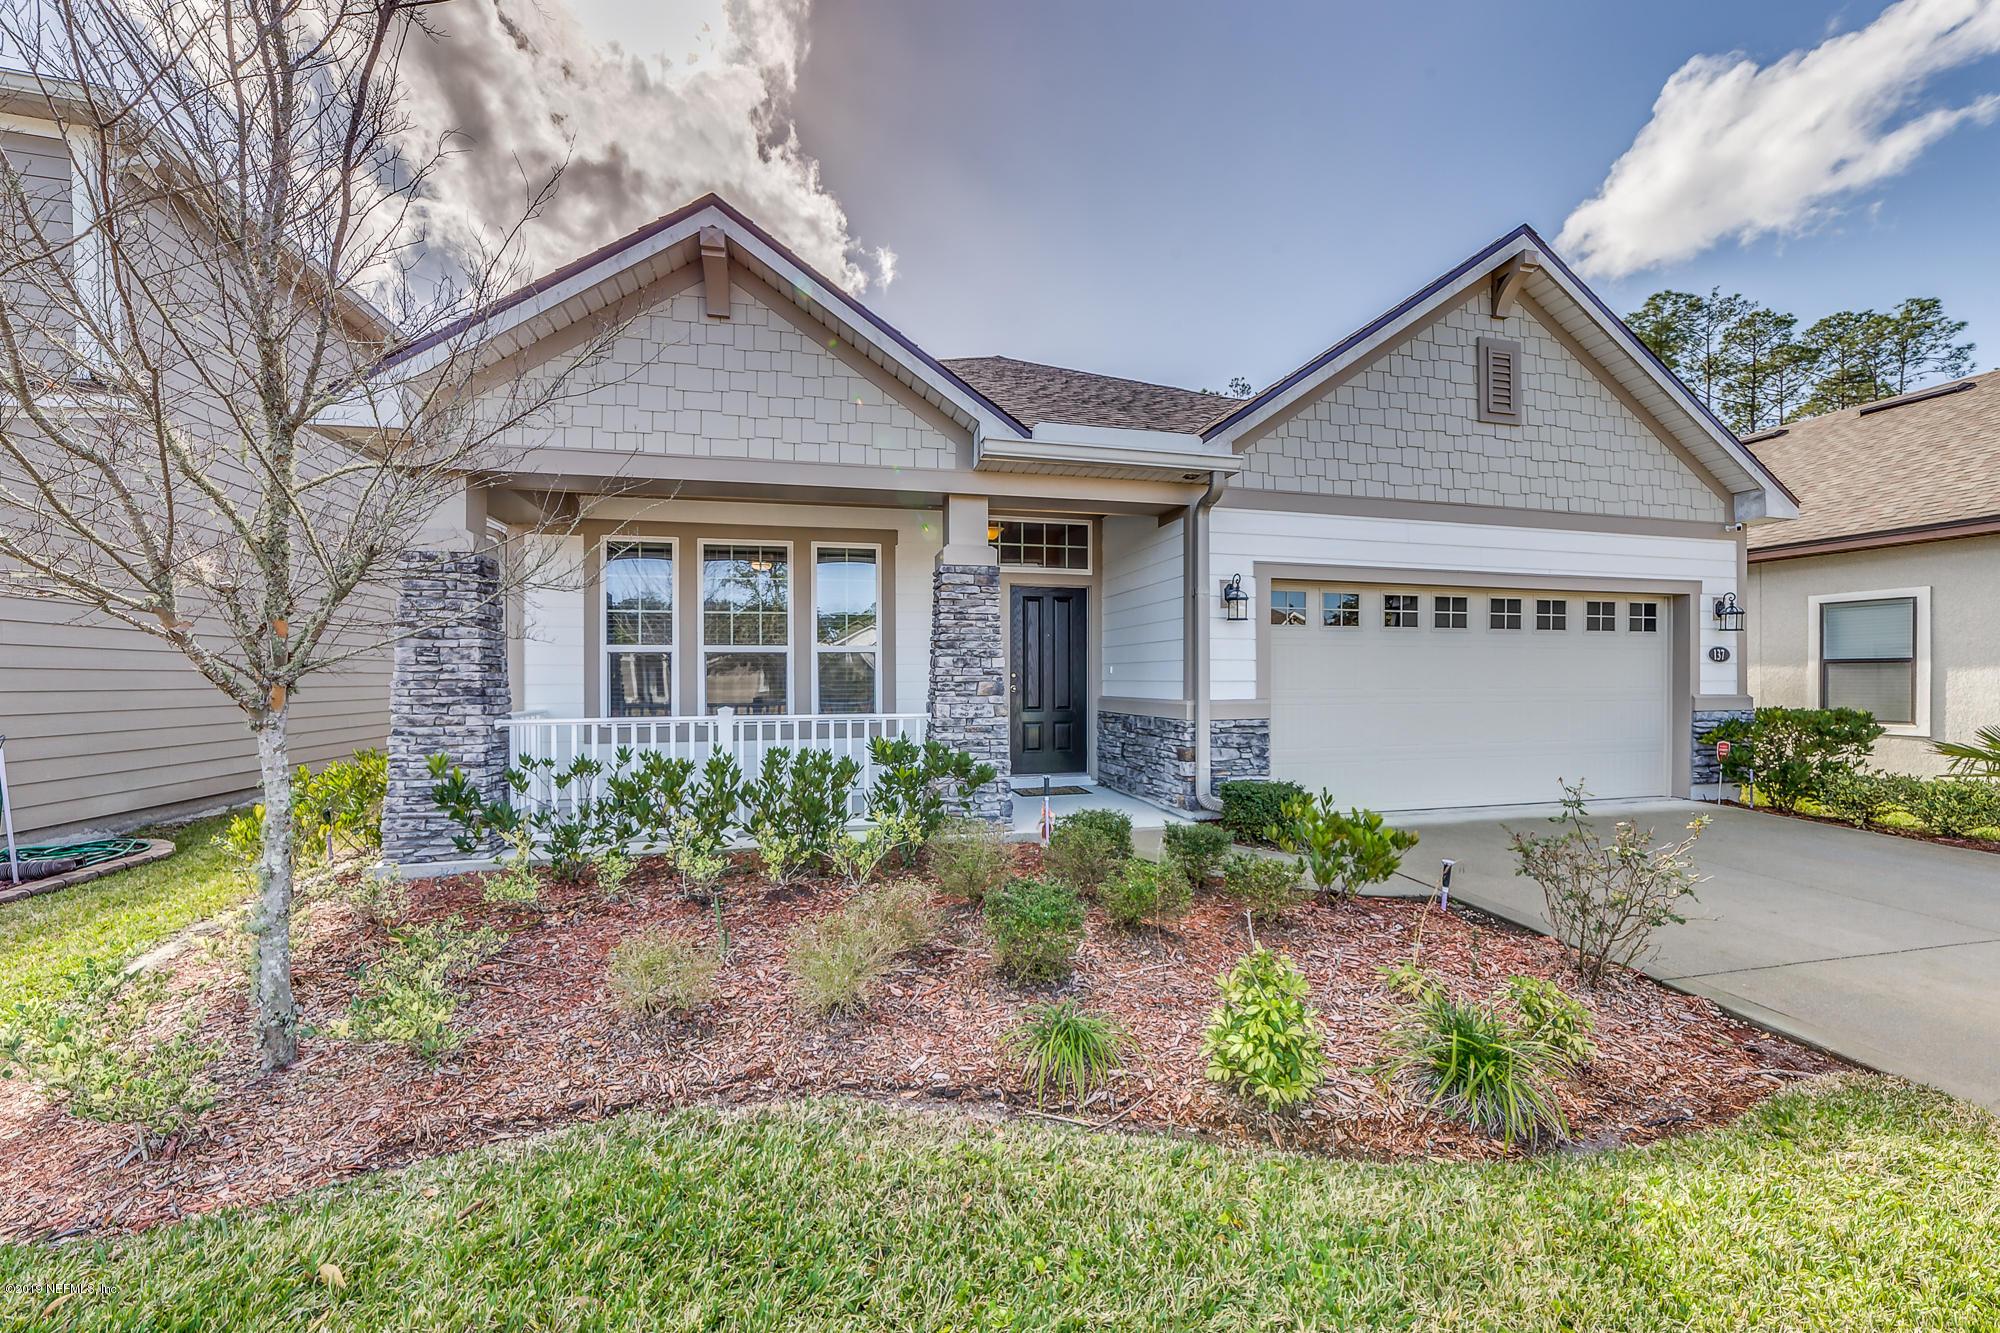 137 WHITE MARSH, JACKSONVILLE, FLORIDA 32081, 3 Bedrooms Bedrooms, ,2 BathroomsBathrooms,Residential - single family,For sale,WHITE MARSH,980006